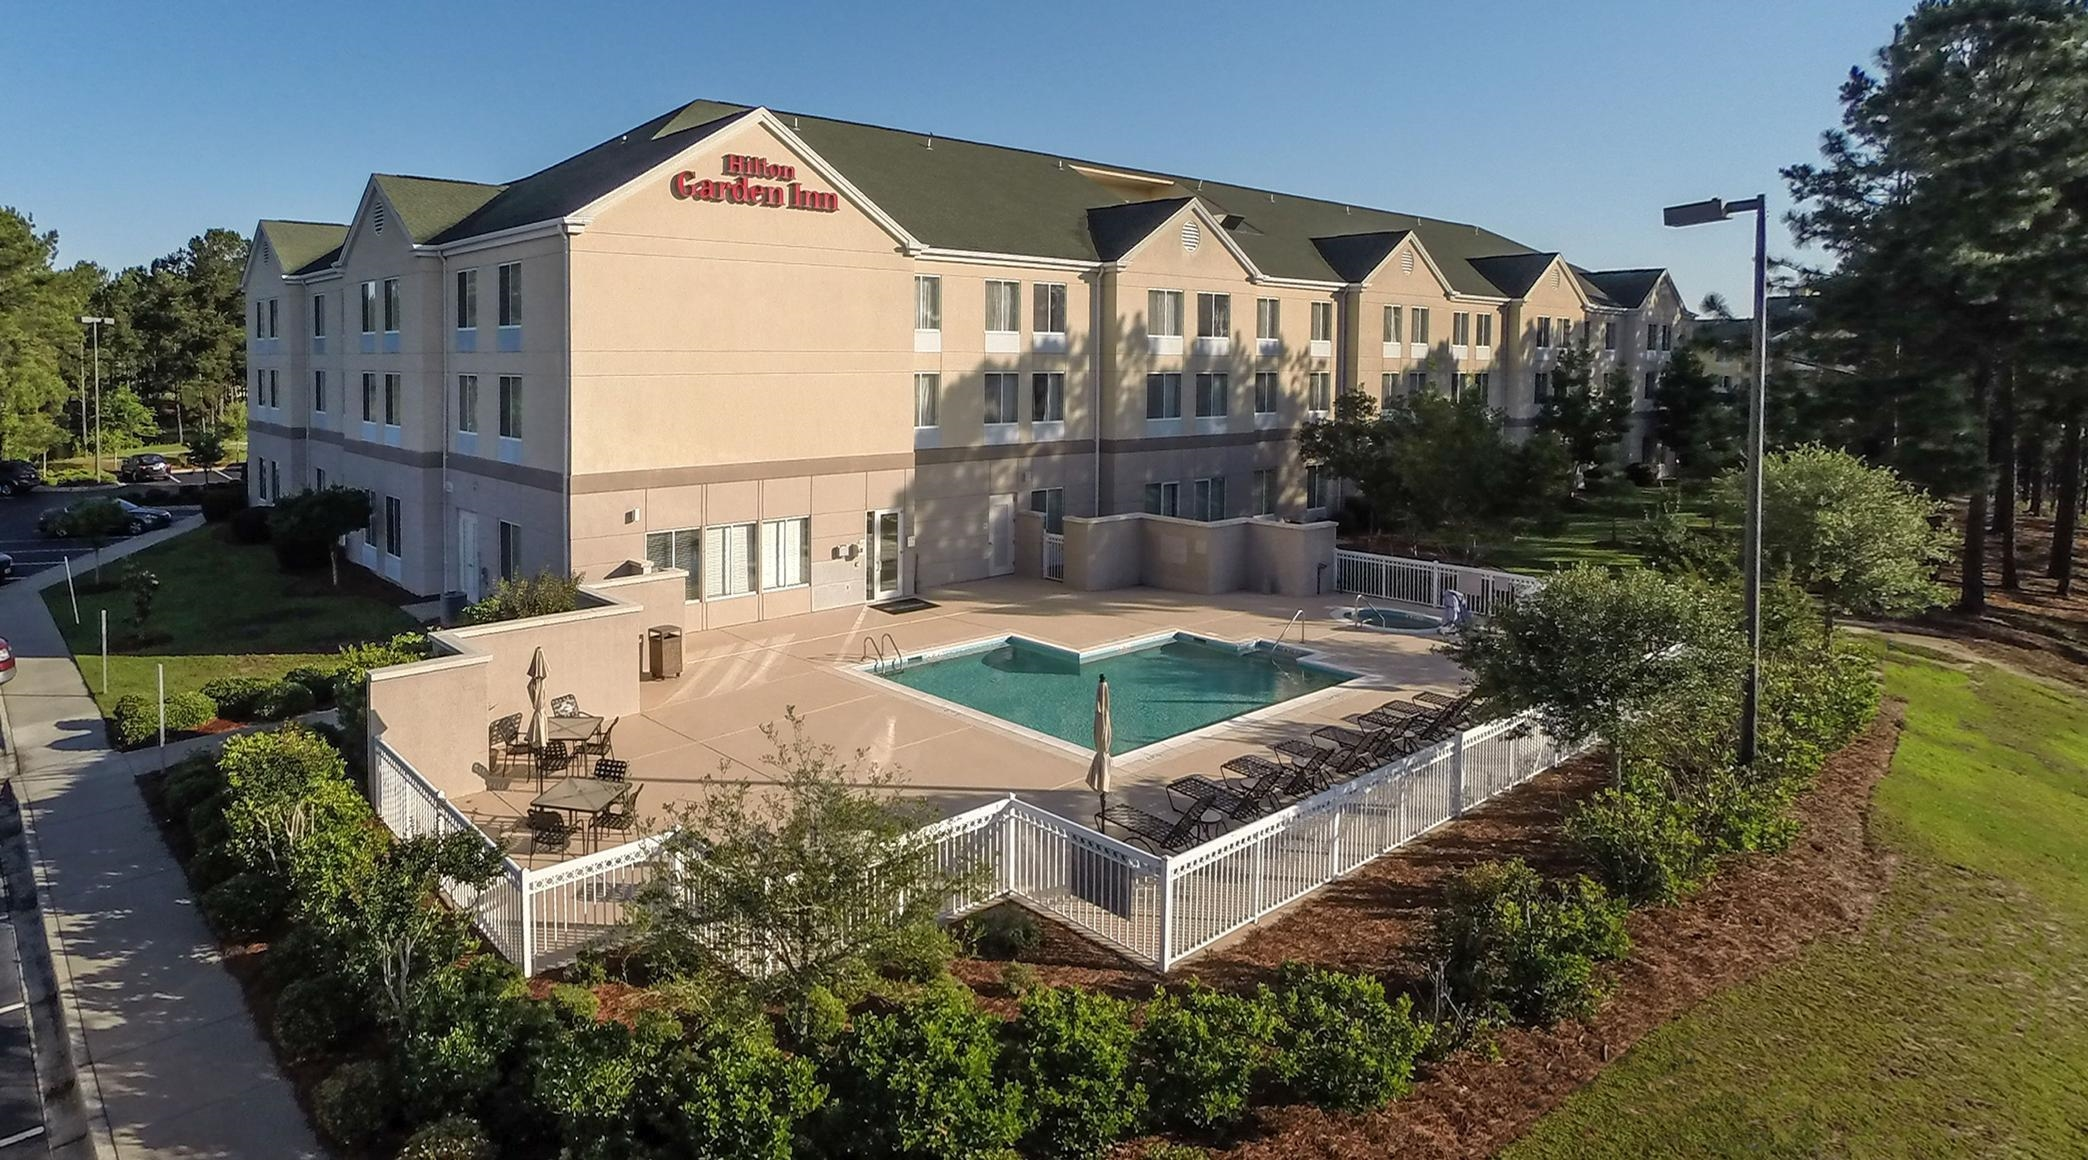 Hilton Garden Inn Savannah Airport Savannah Georgia